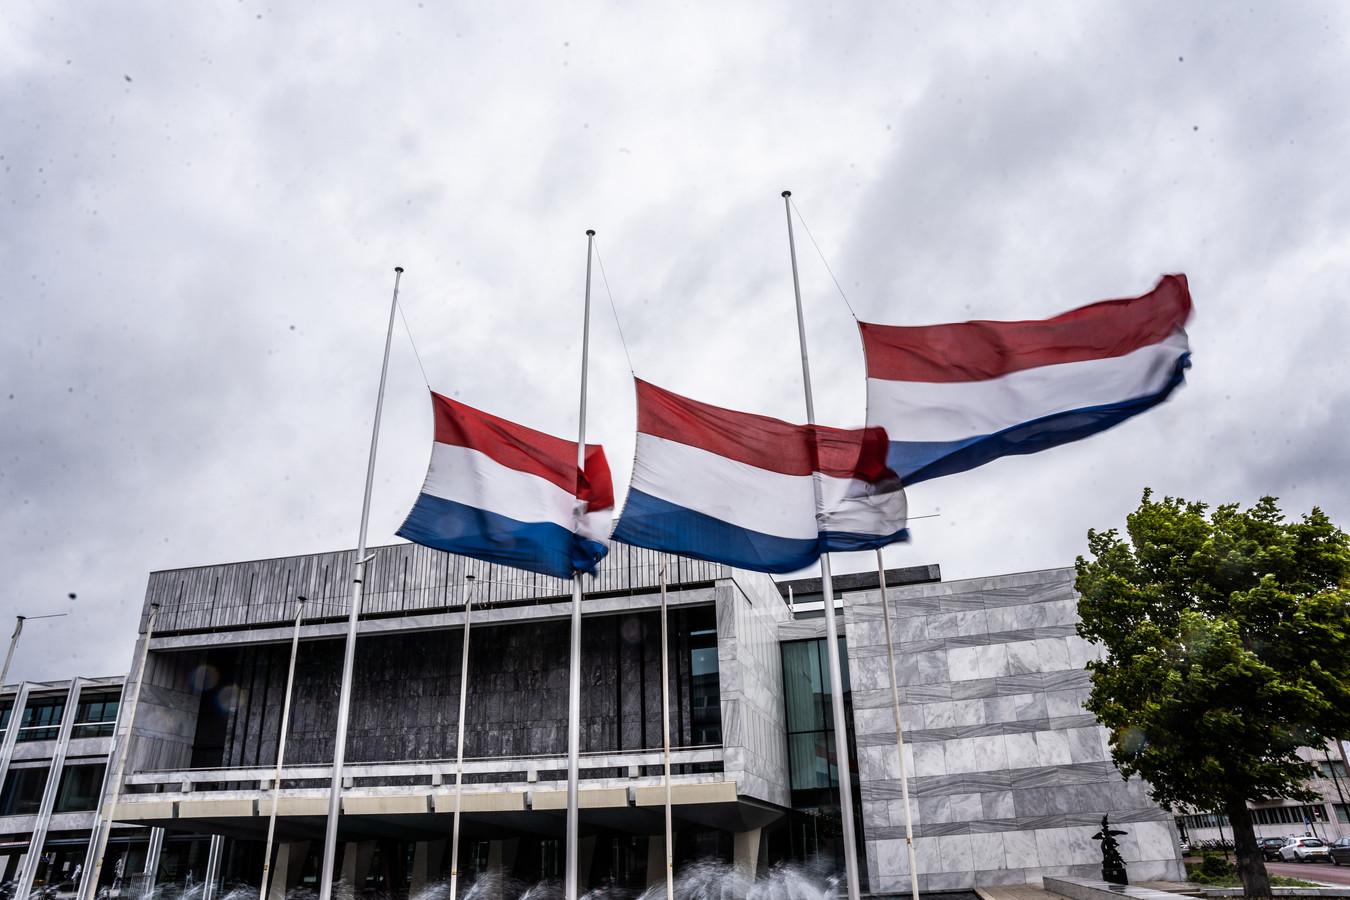 Dodenherdenking 2021 in Arnhem